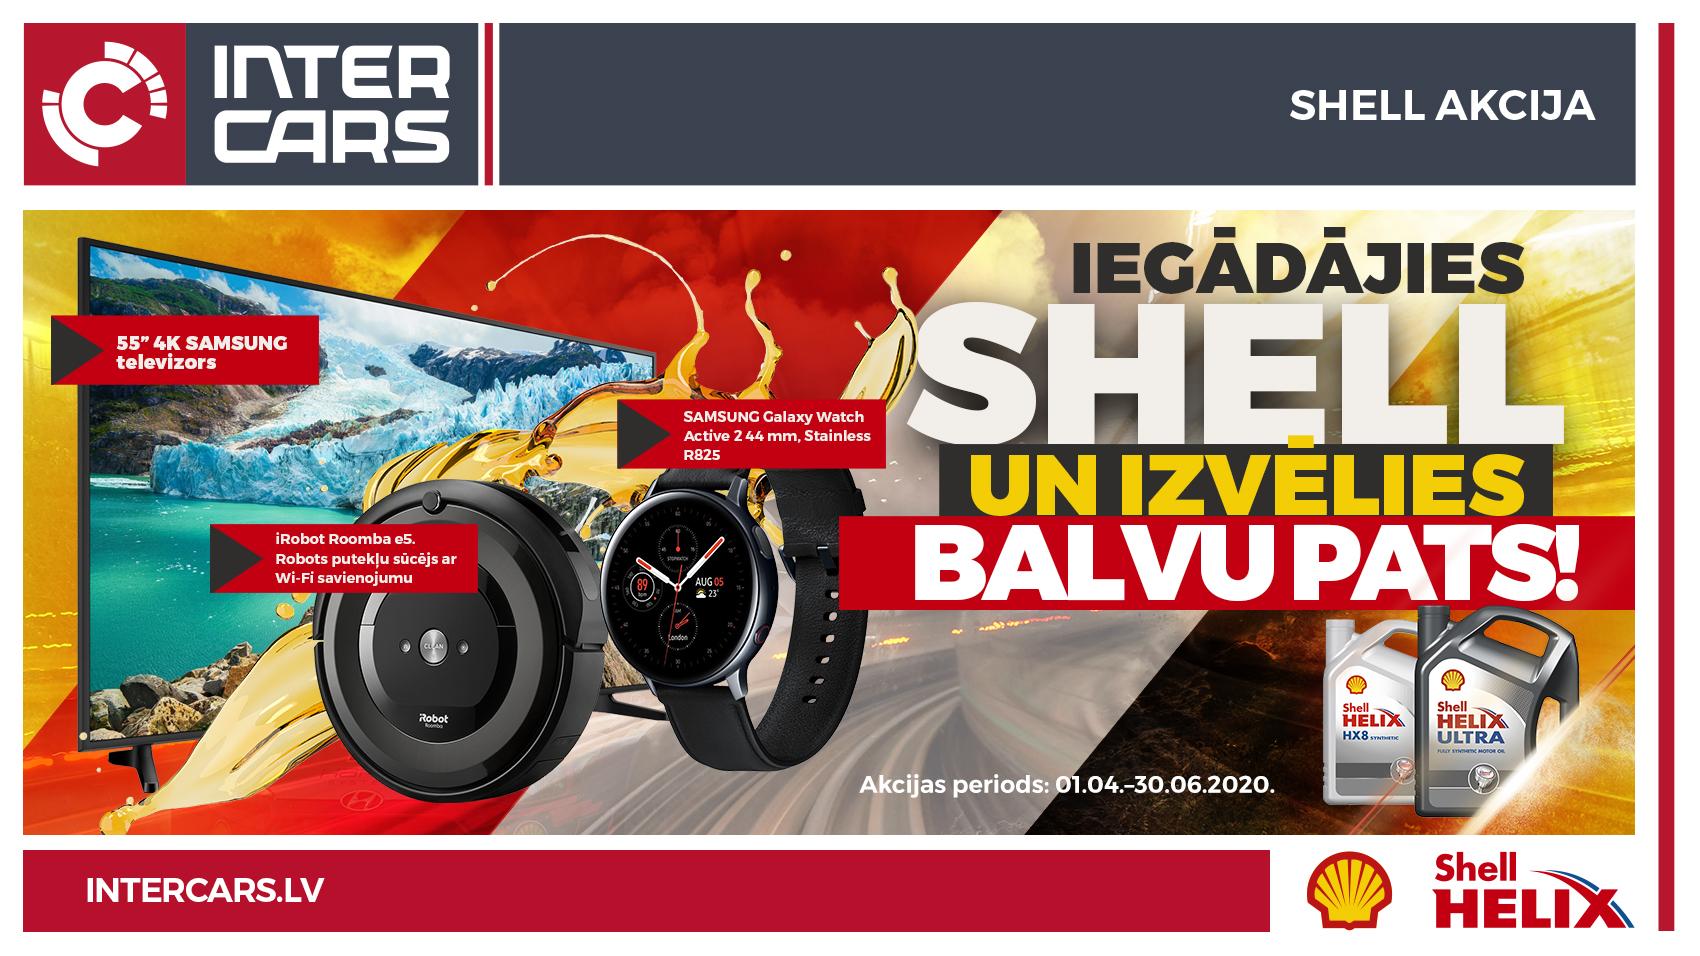 shell-akcija-apr2020screen.jpg